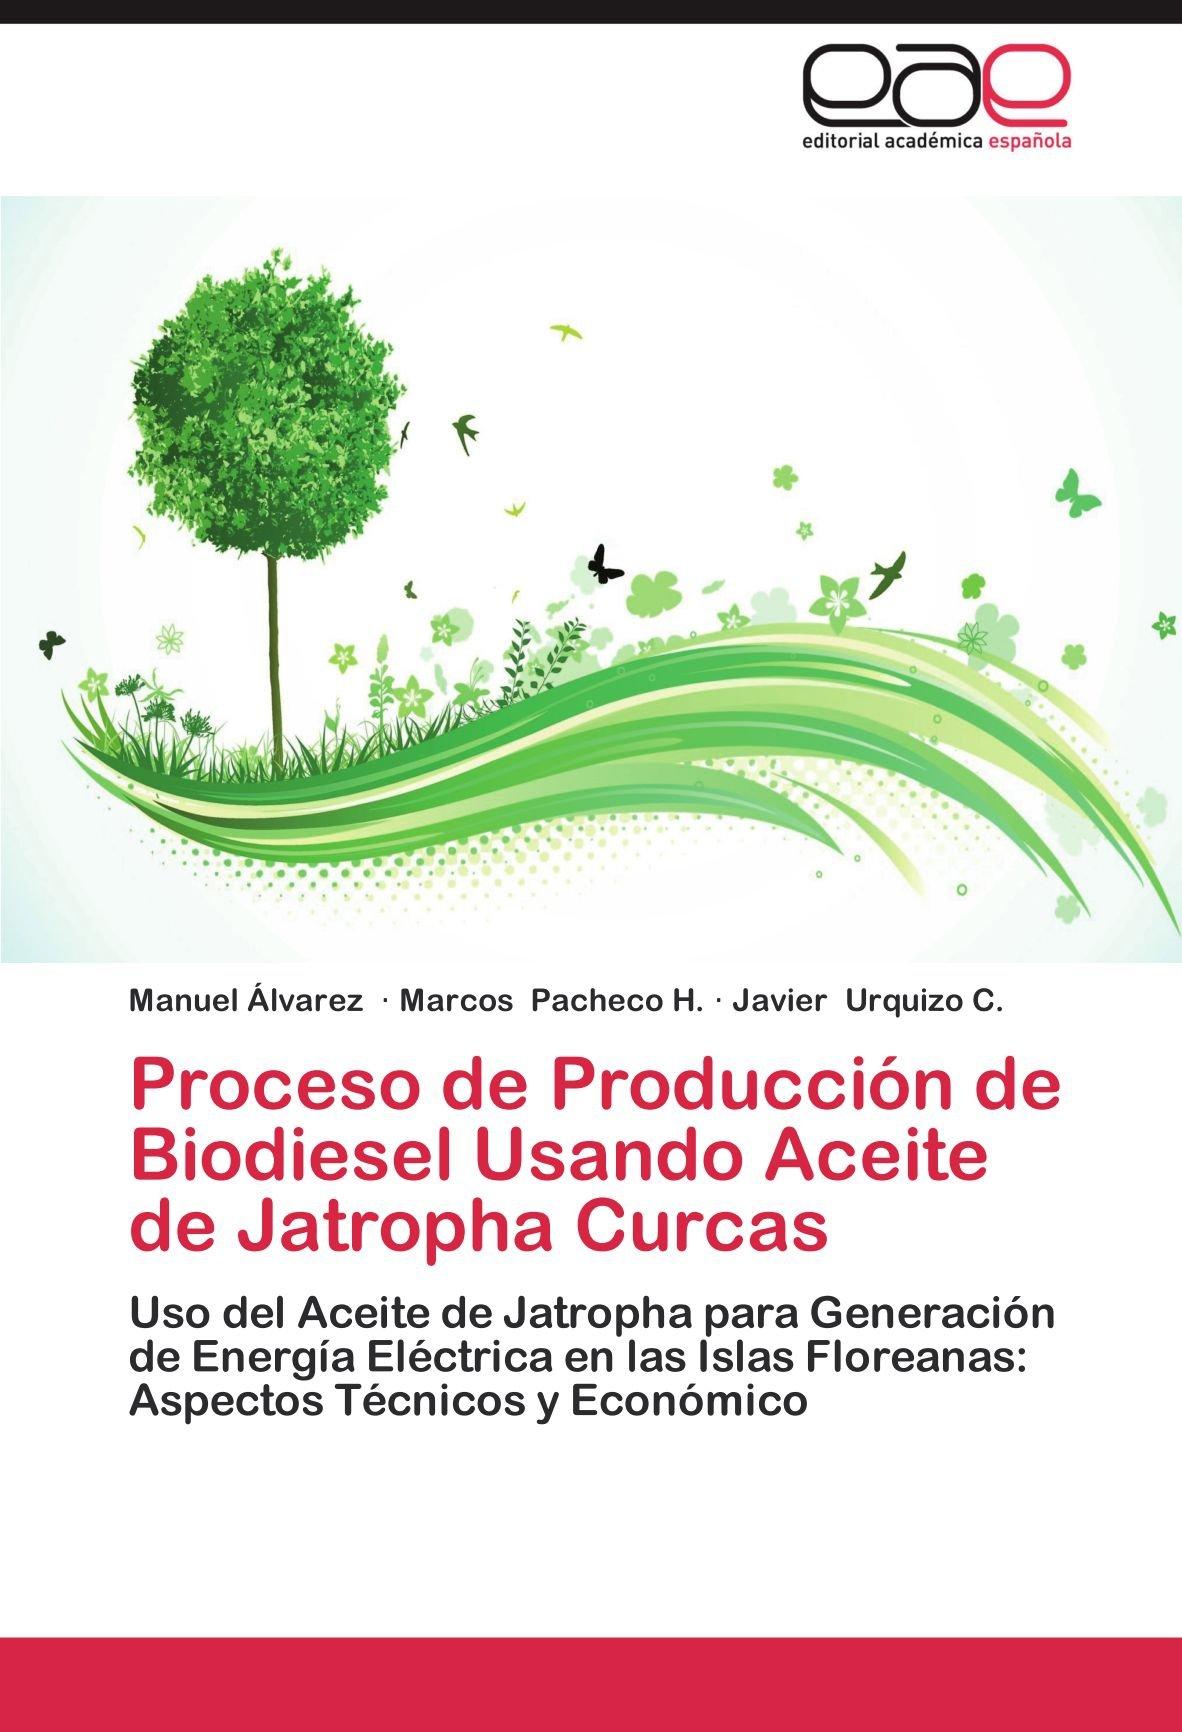 Read Online Proceso de Producción de Biodiesel Usando Aceite de Jatropha Curcas: Uso del Aceite de Jatropha para Generación de Energía Eléctrica en las Islas ... Técnicos y Económico (Spanish Edition) pdf epub